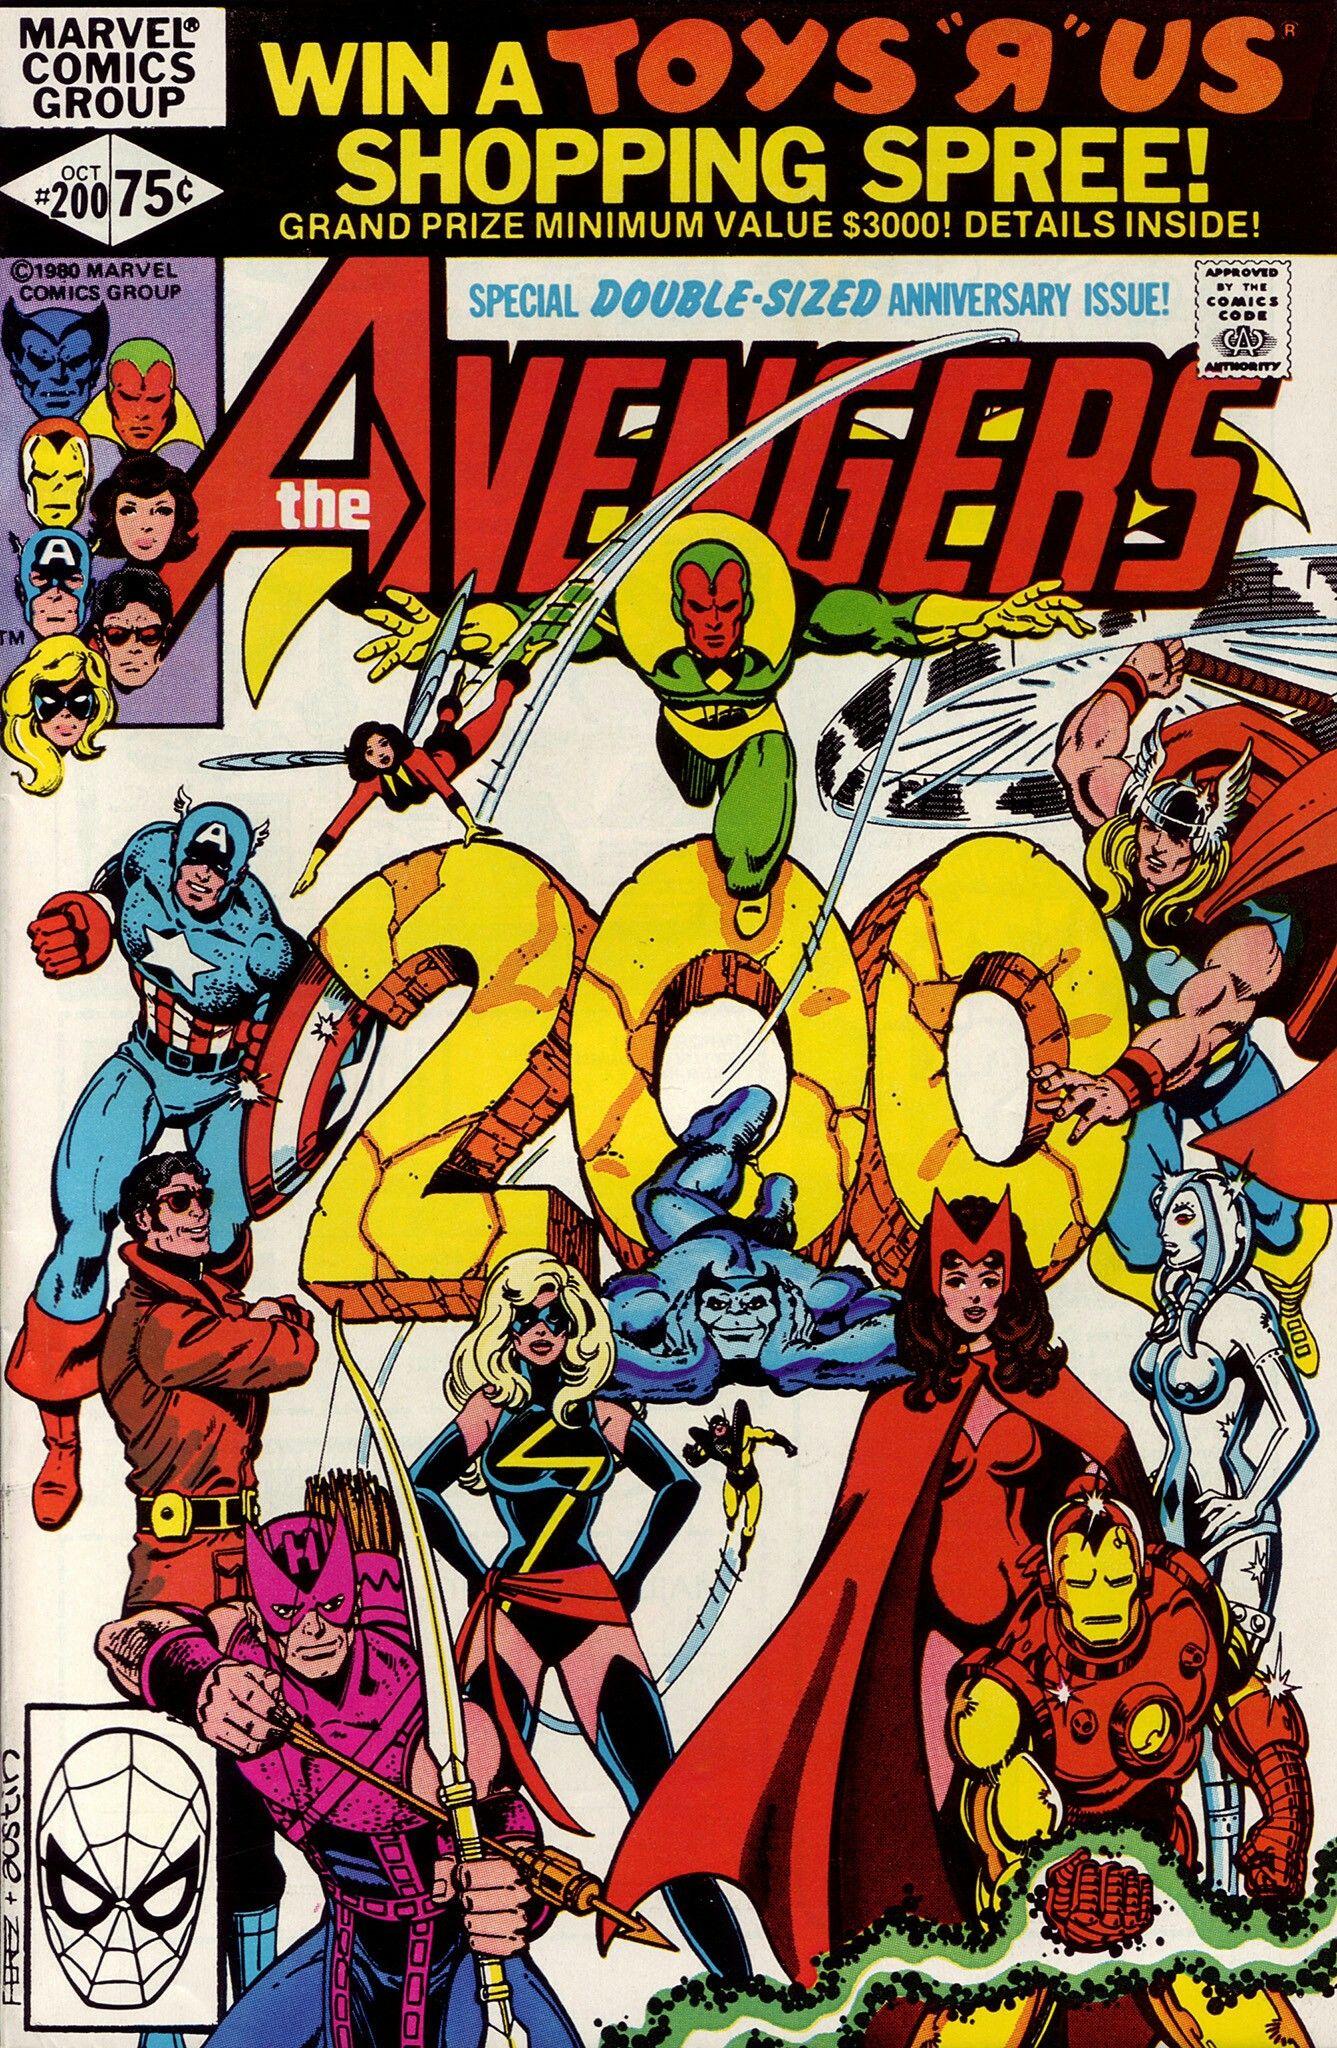 AVENGERS #225 VOL1 MARVEL BLACK KNIGHT RETURNS SCARCE NOVEMBER 1982